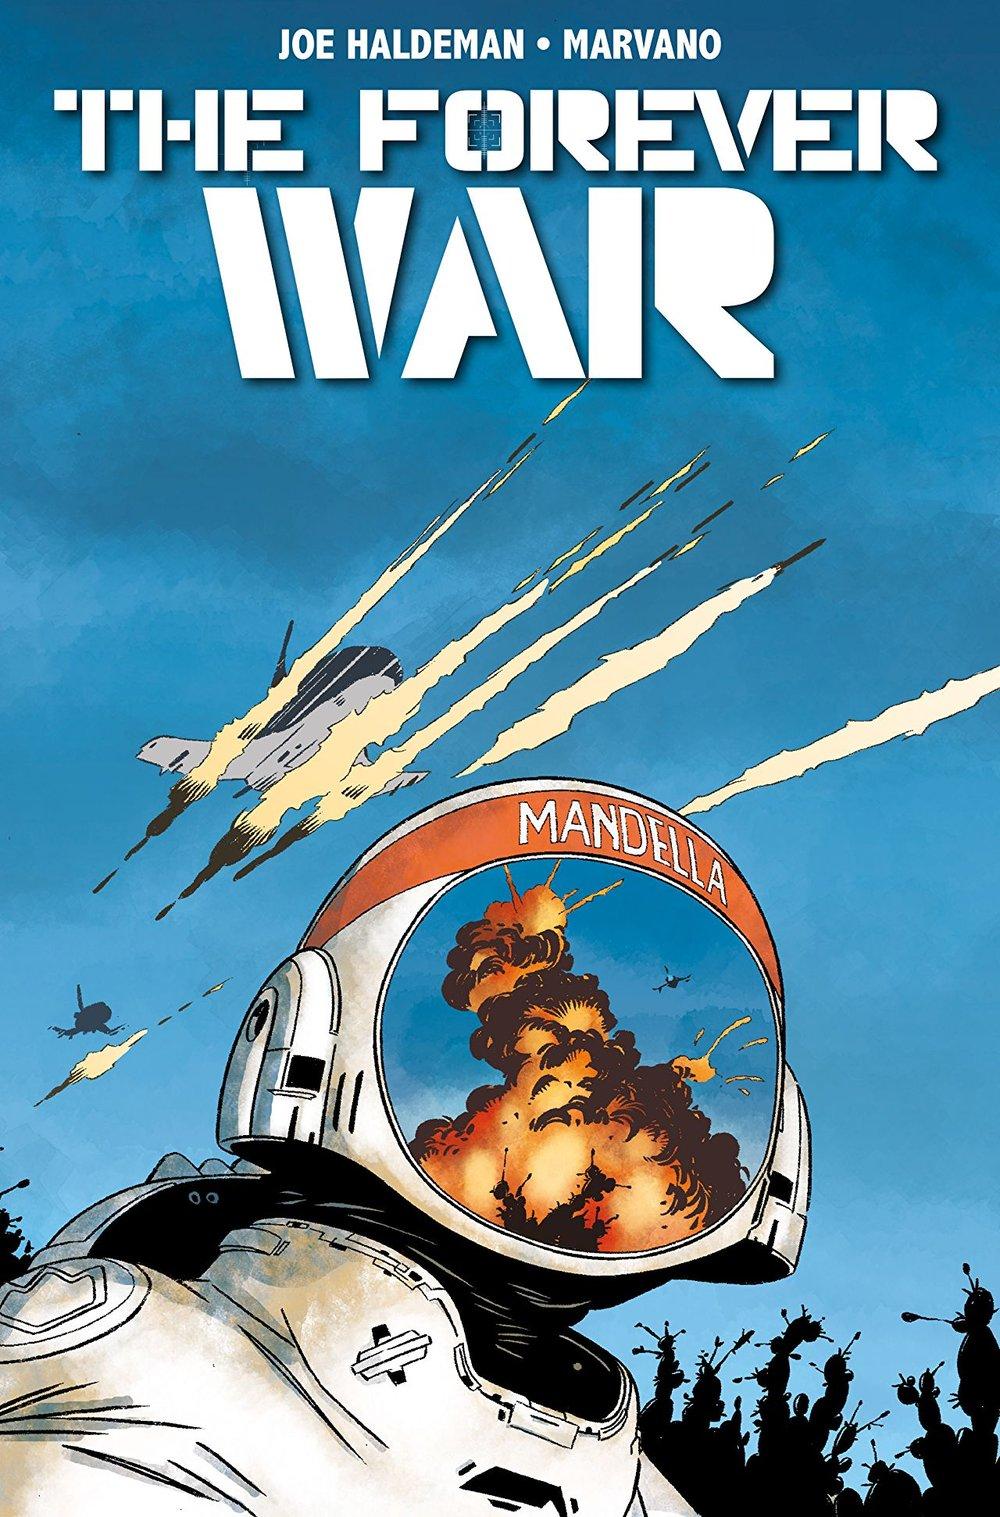 Forever war-1.jpg